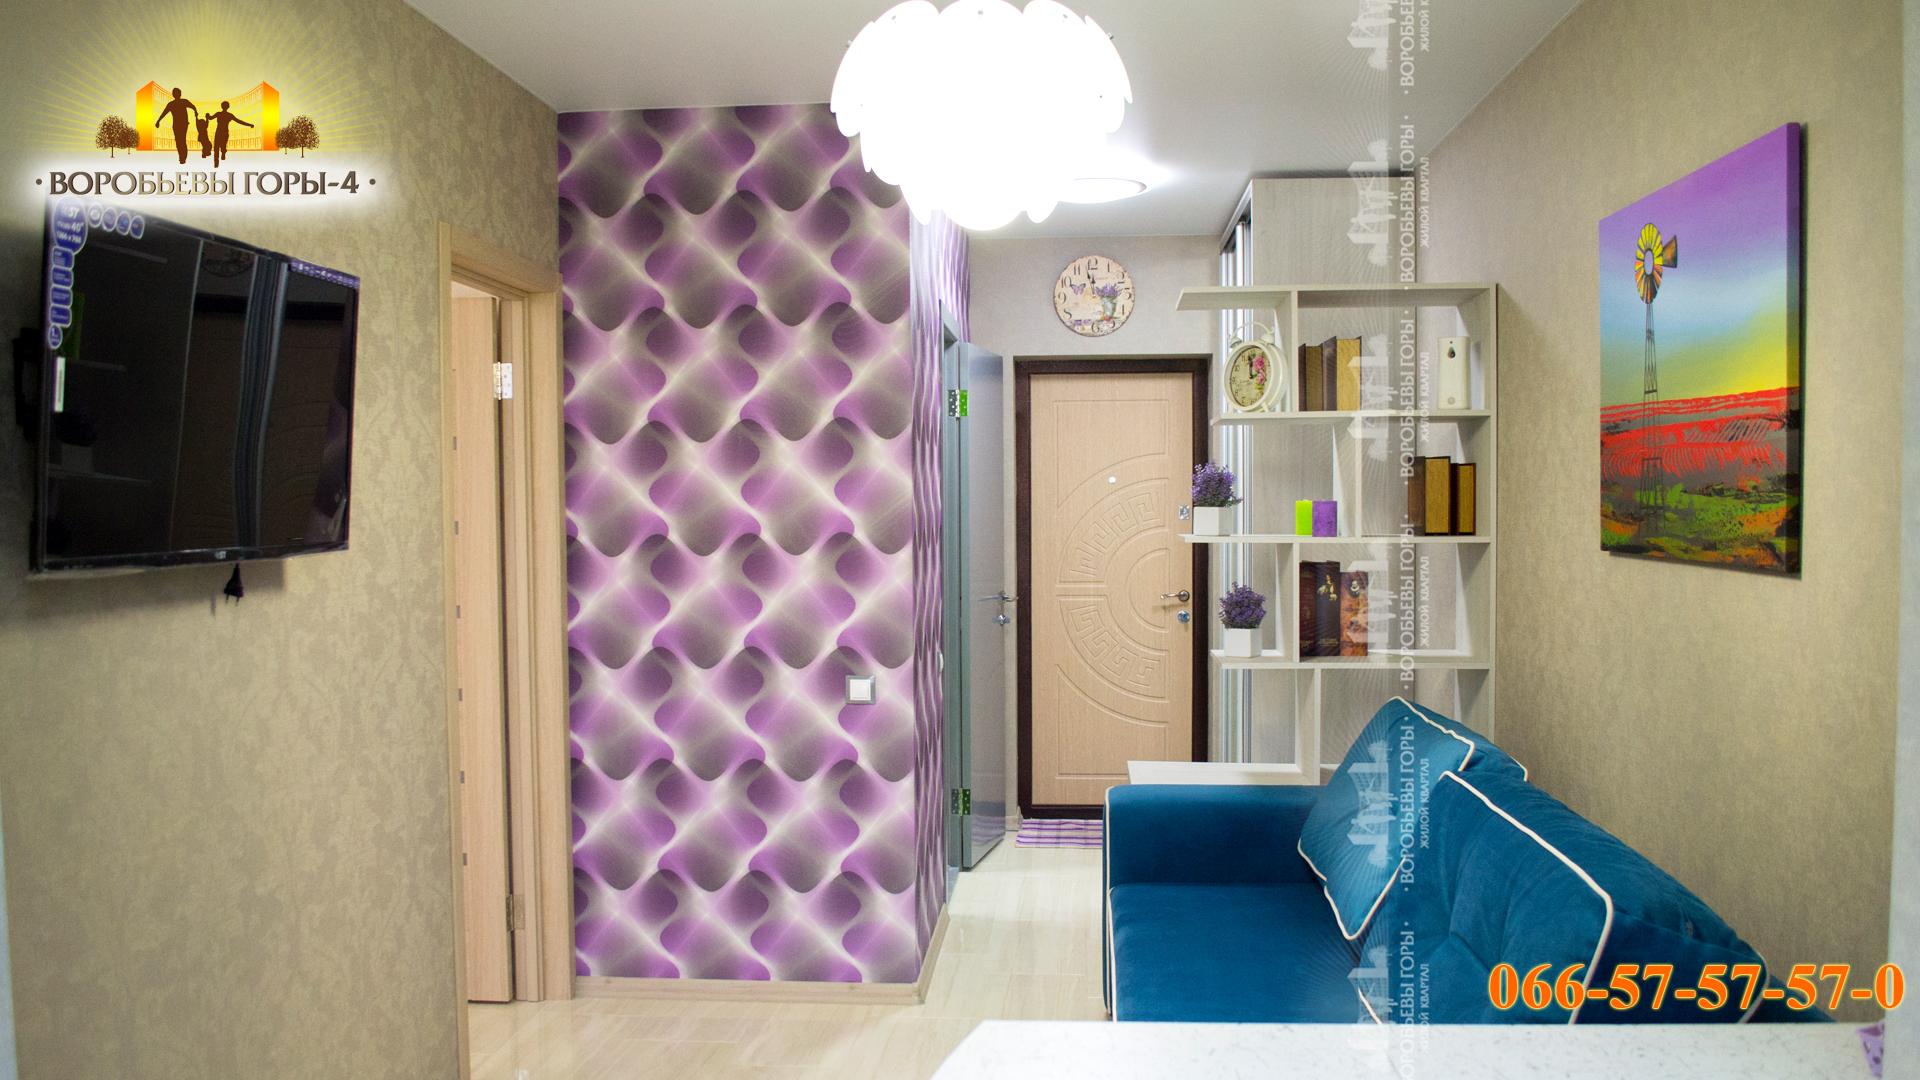 Квартиры с отделкой под ключ в Харькове